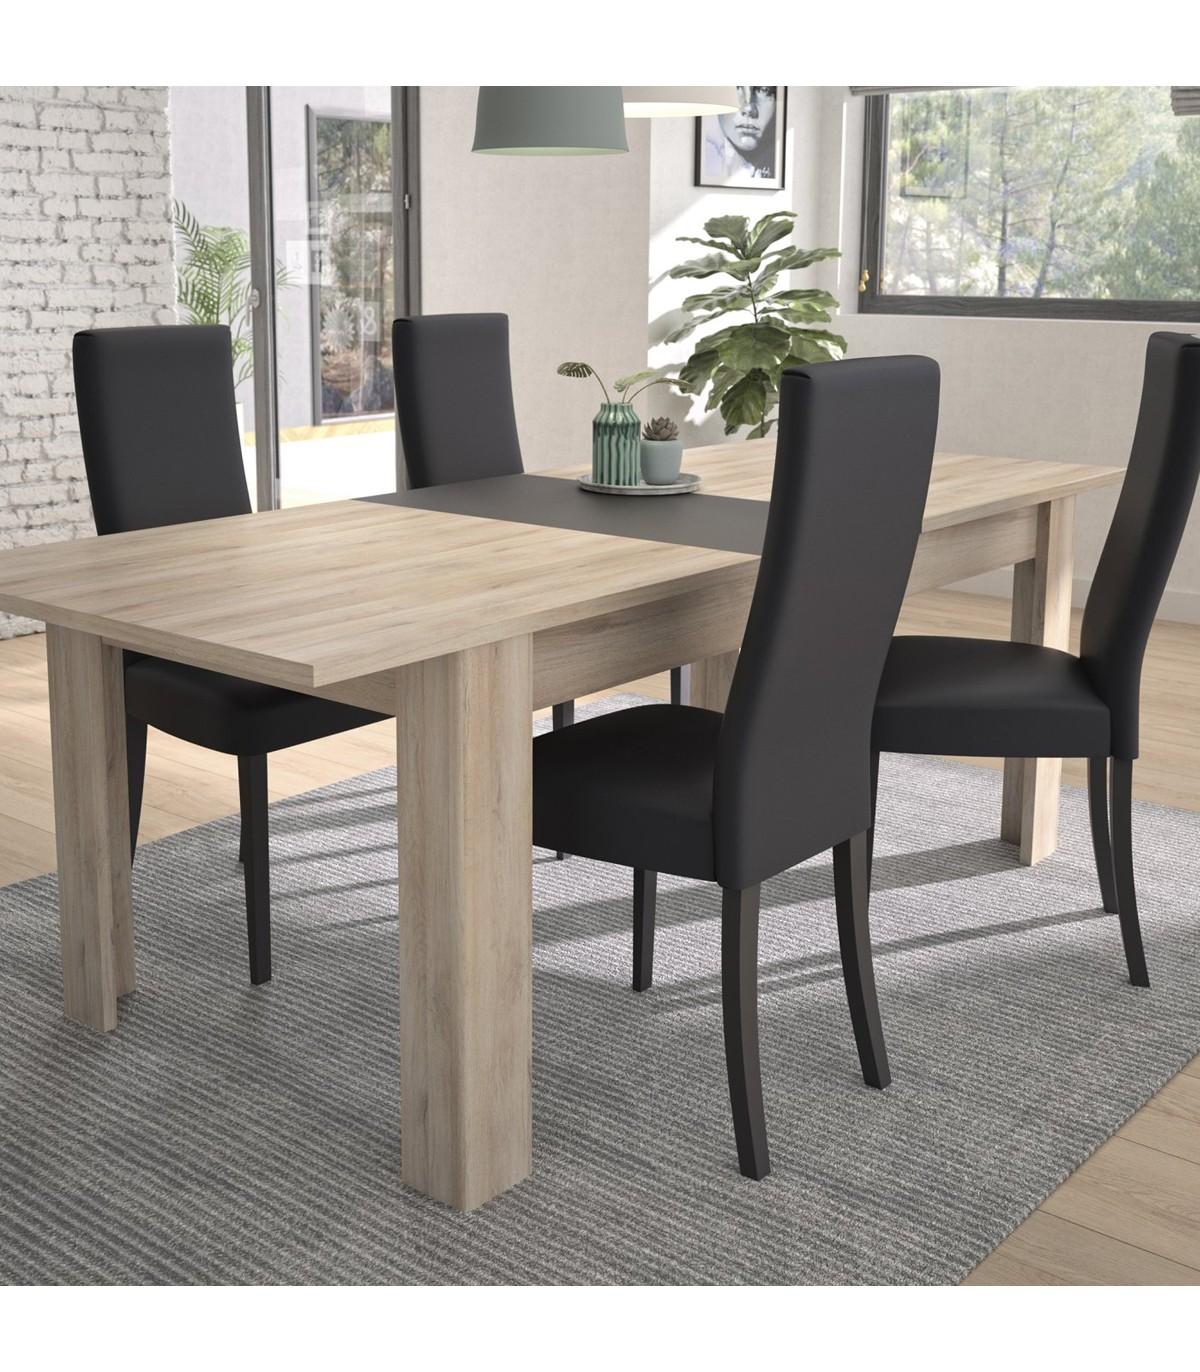 Table à manger extensible - Effet Chêne clair - L228cm - 8pers